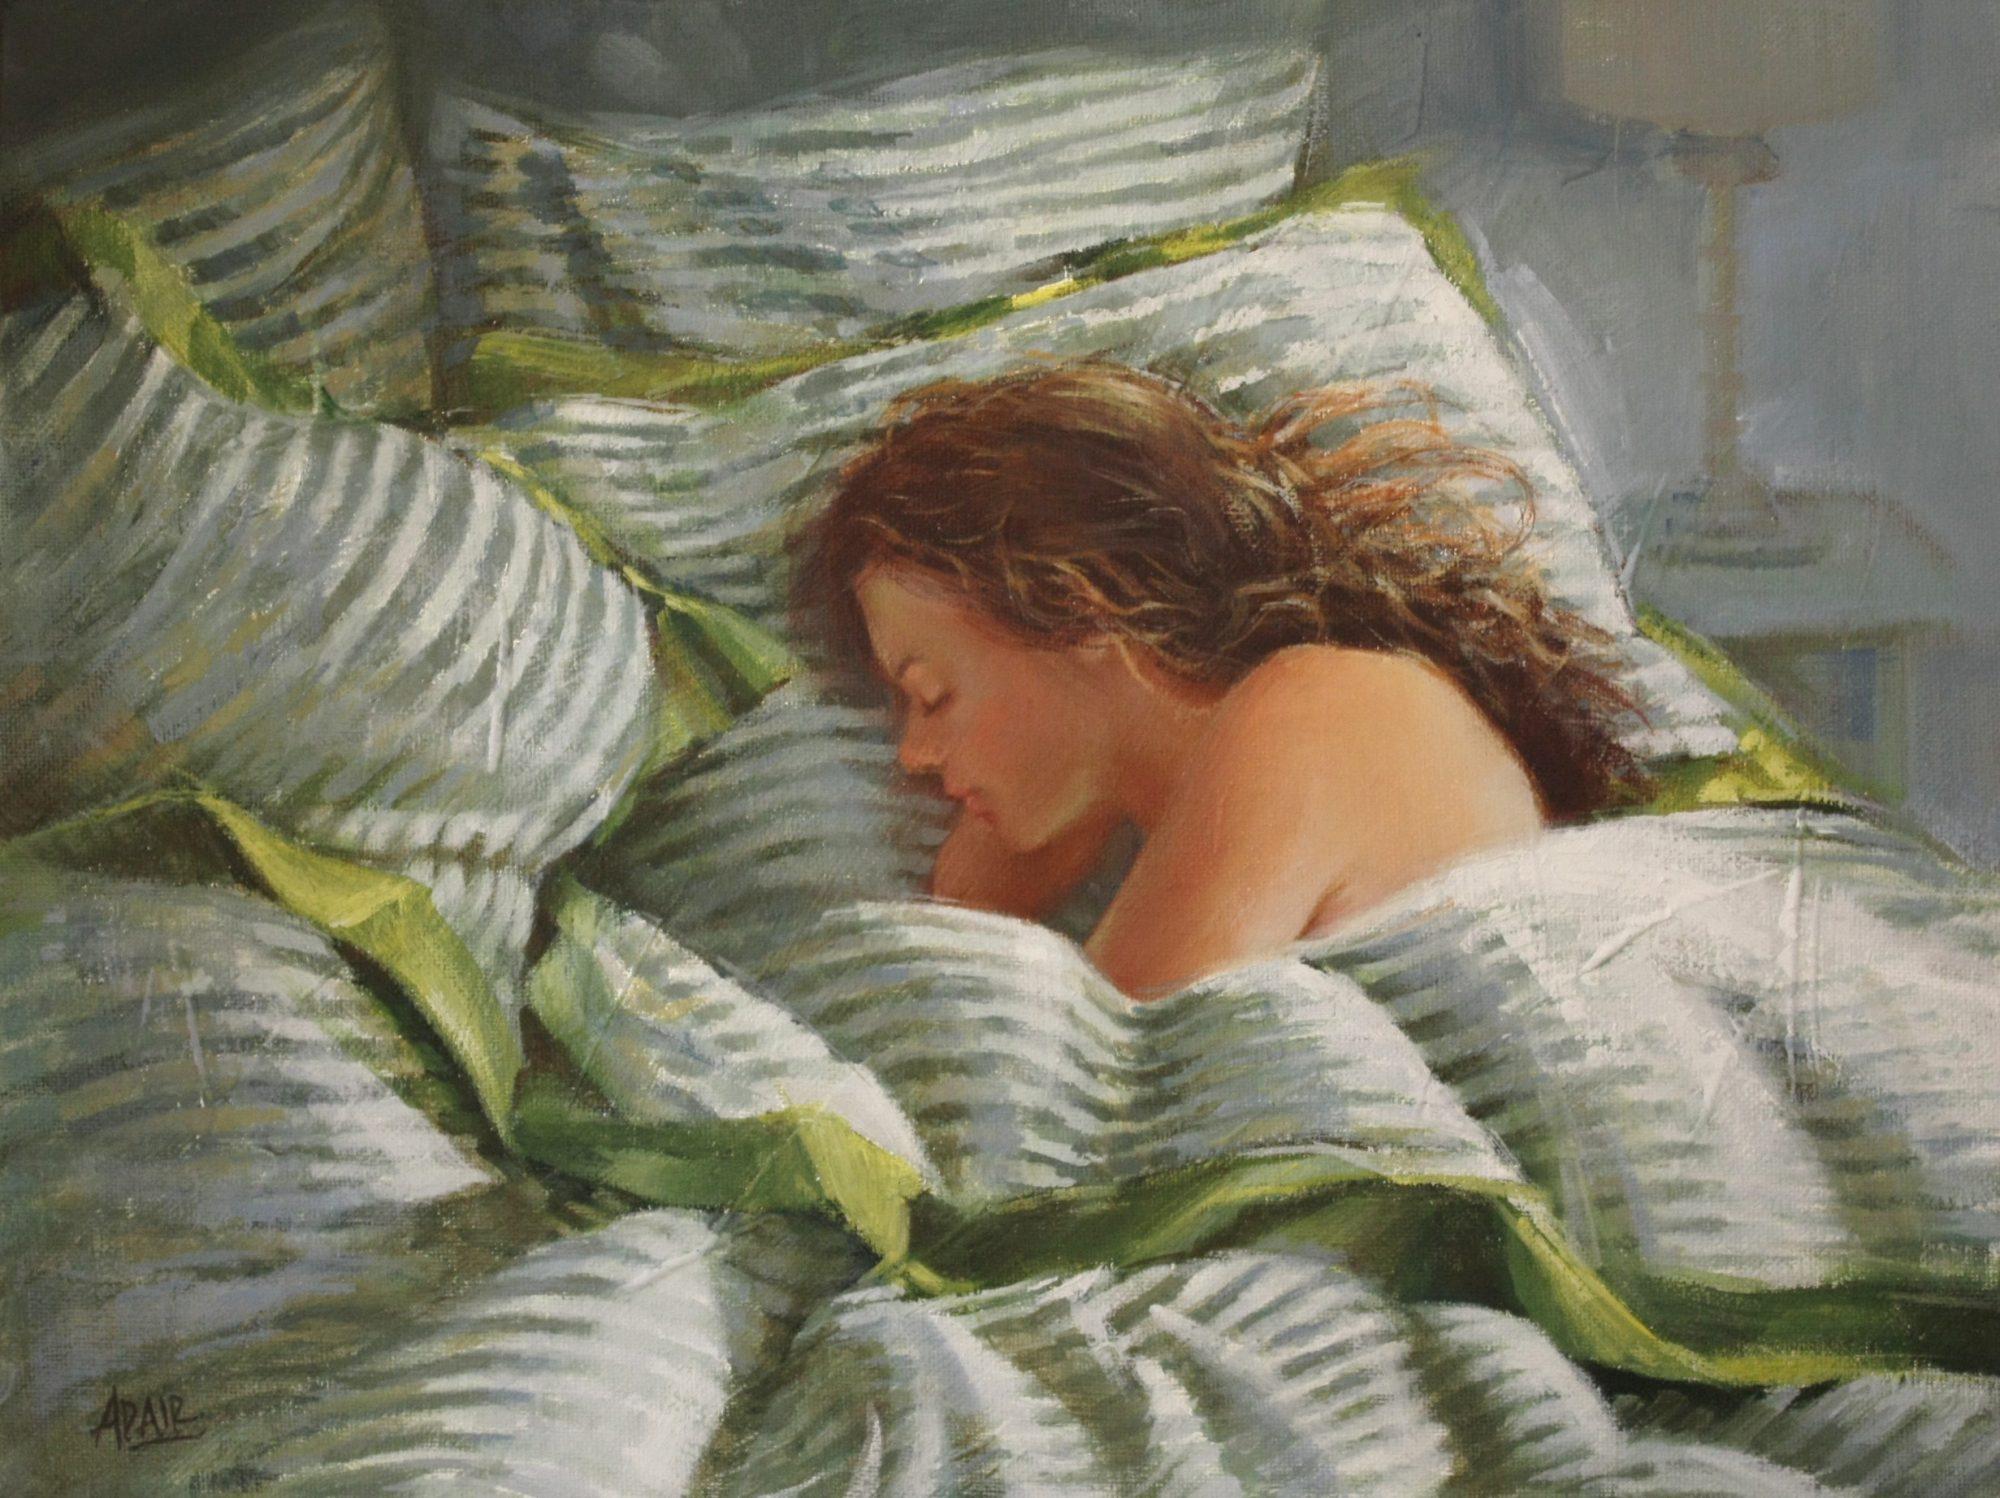 40x30x3_-adair-sleeping-arrangement